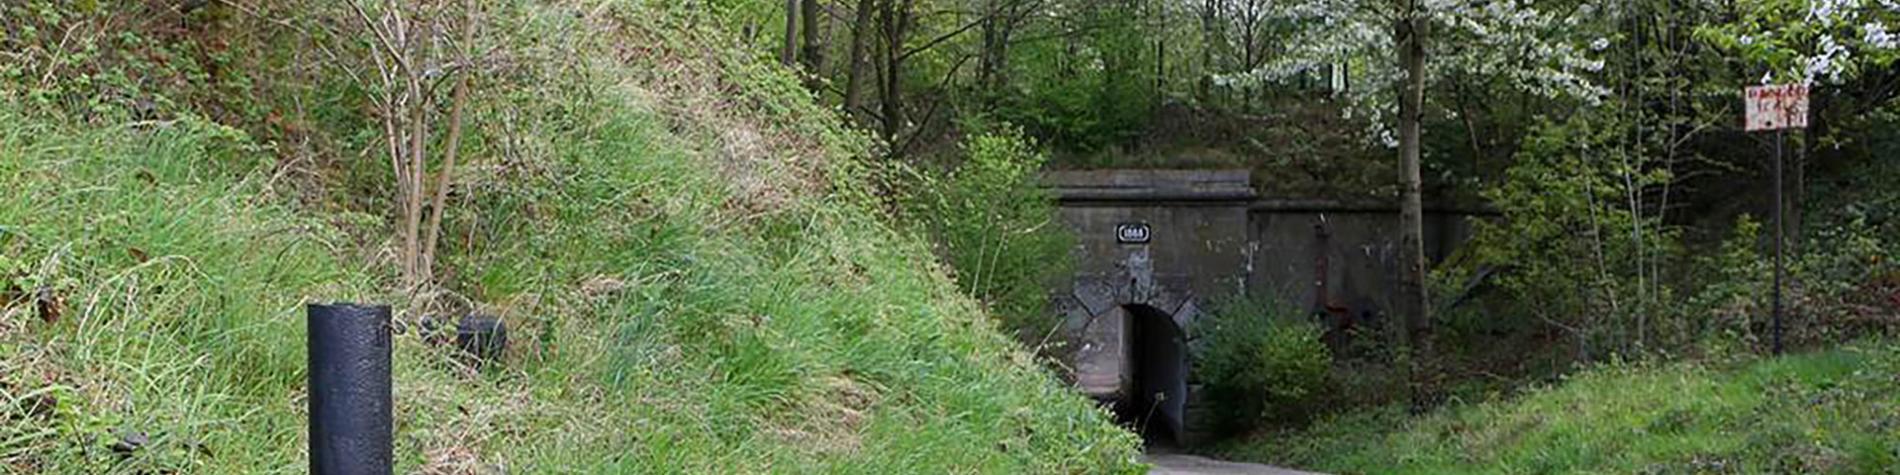 Fort de Pontisse - Liège - Herstal - position fortifiée de Liège